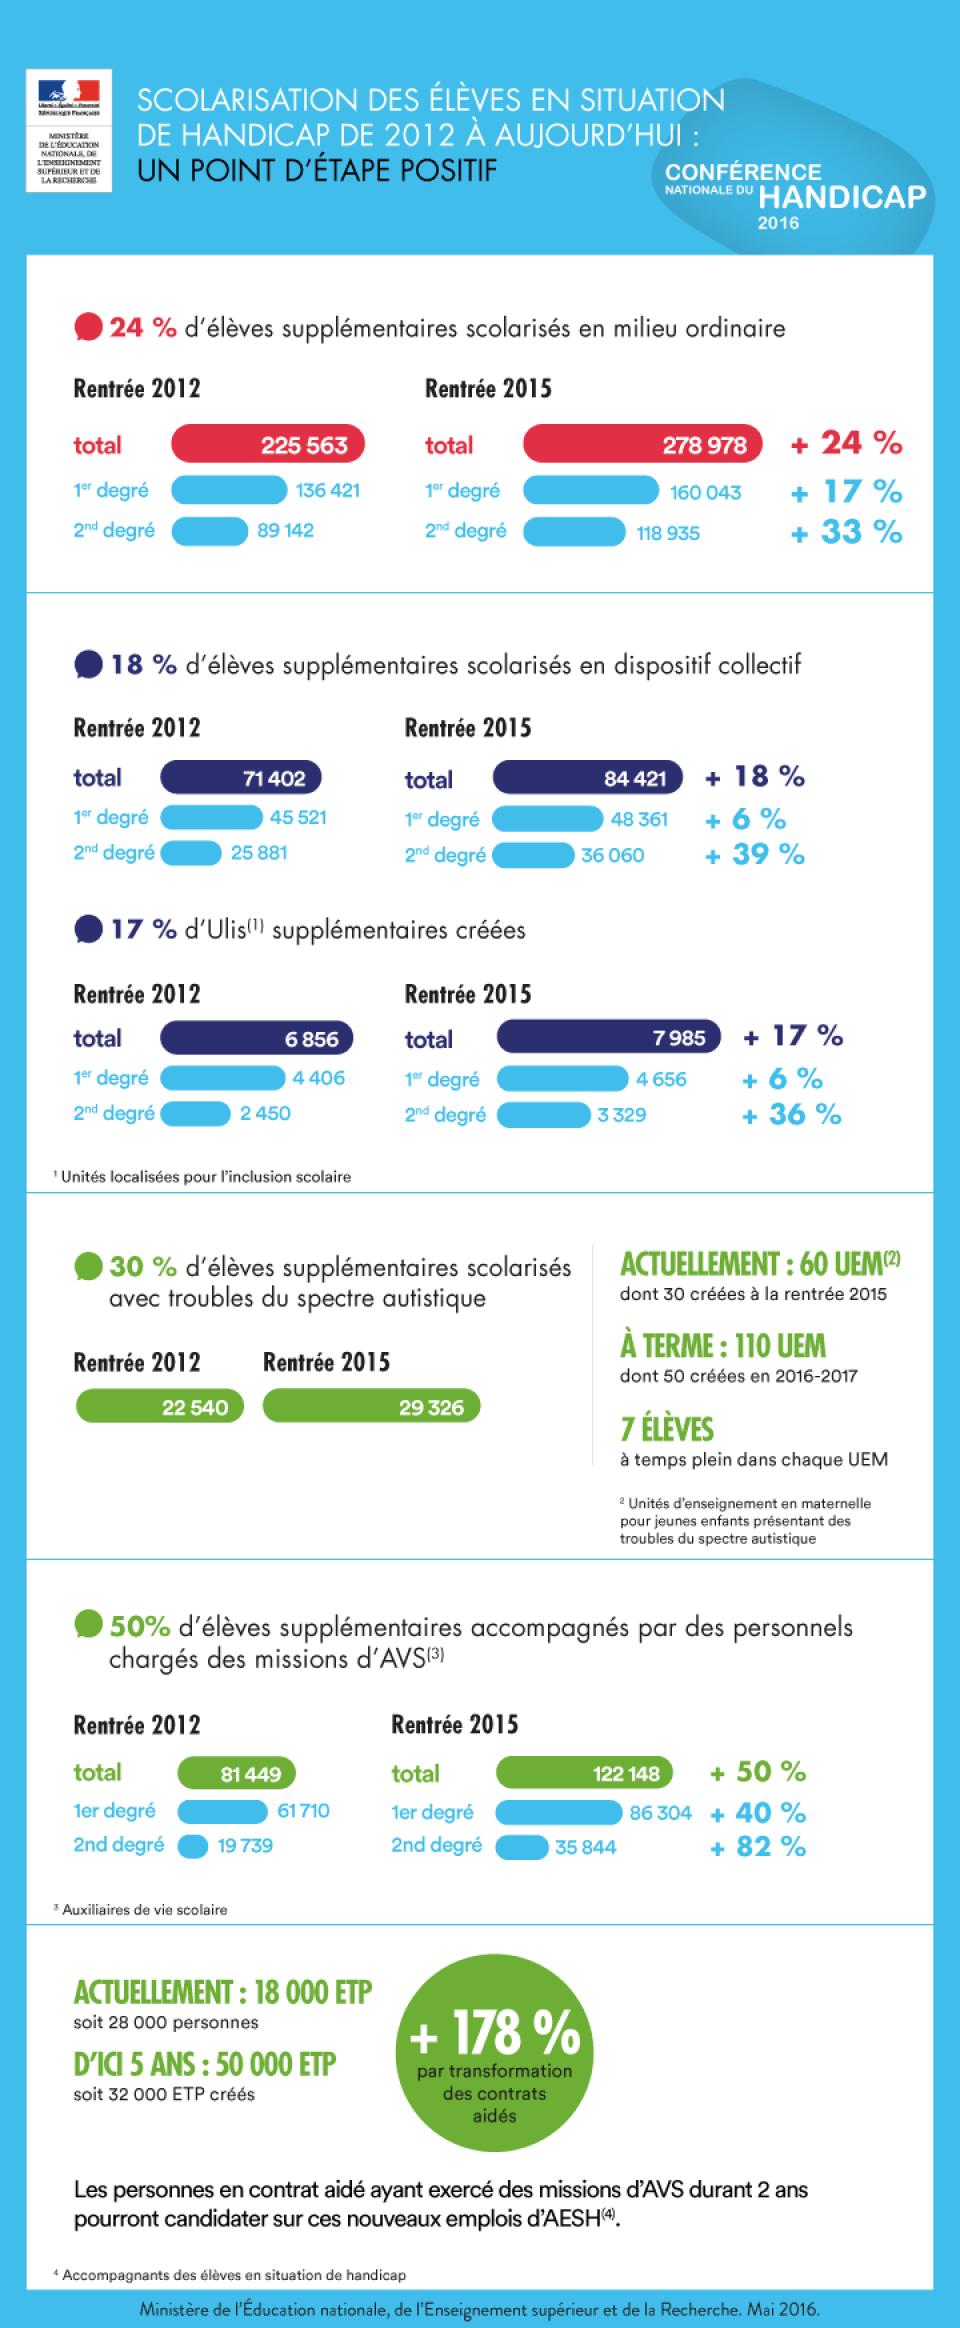 Infographie : Chiffres clés sur la scolarisation des enfants en situation de  handicap depuis 2012 - voir en plus grand